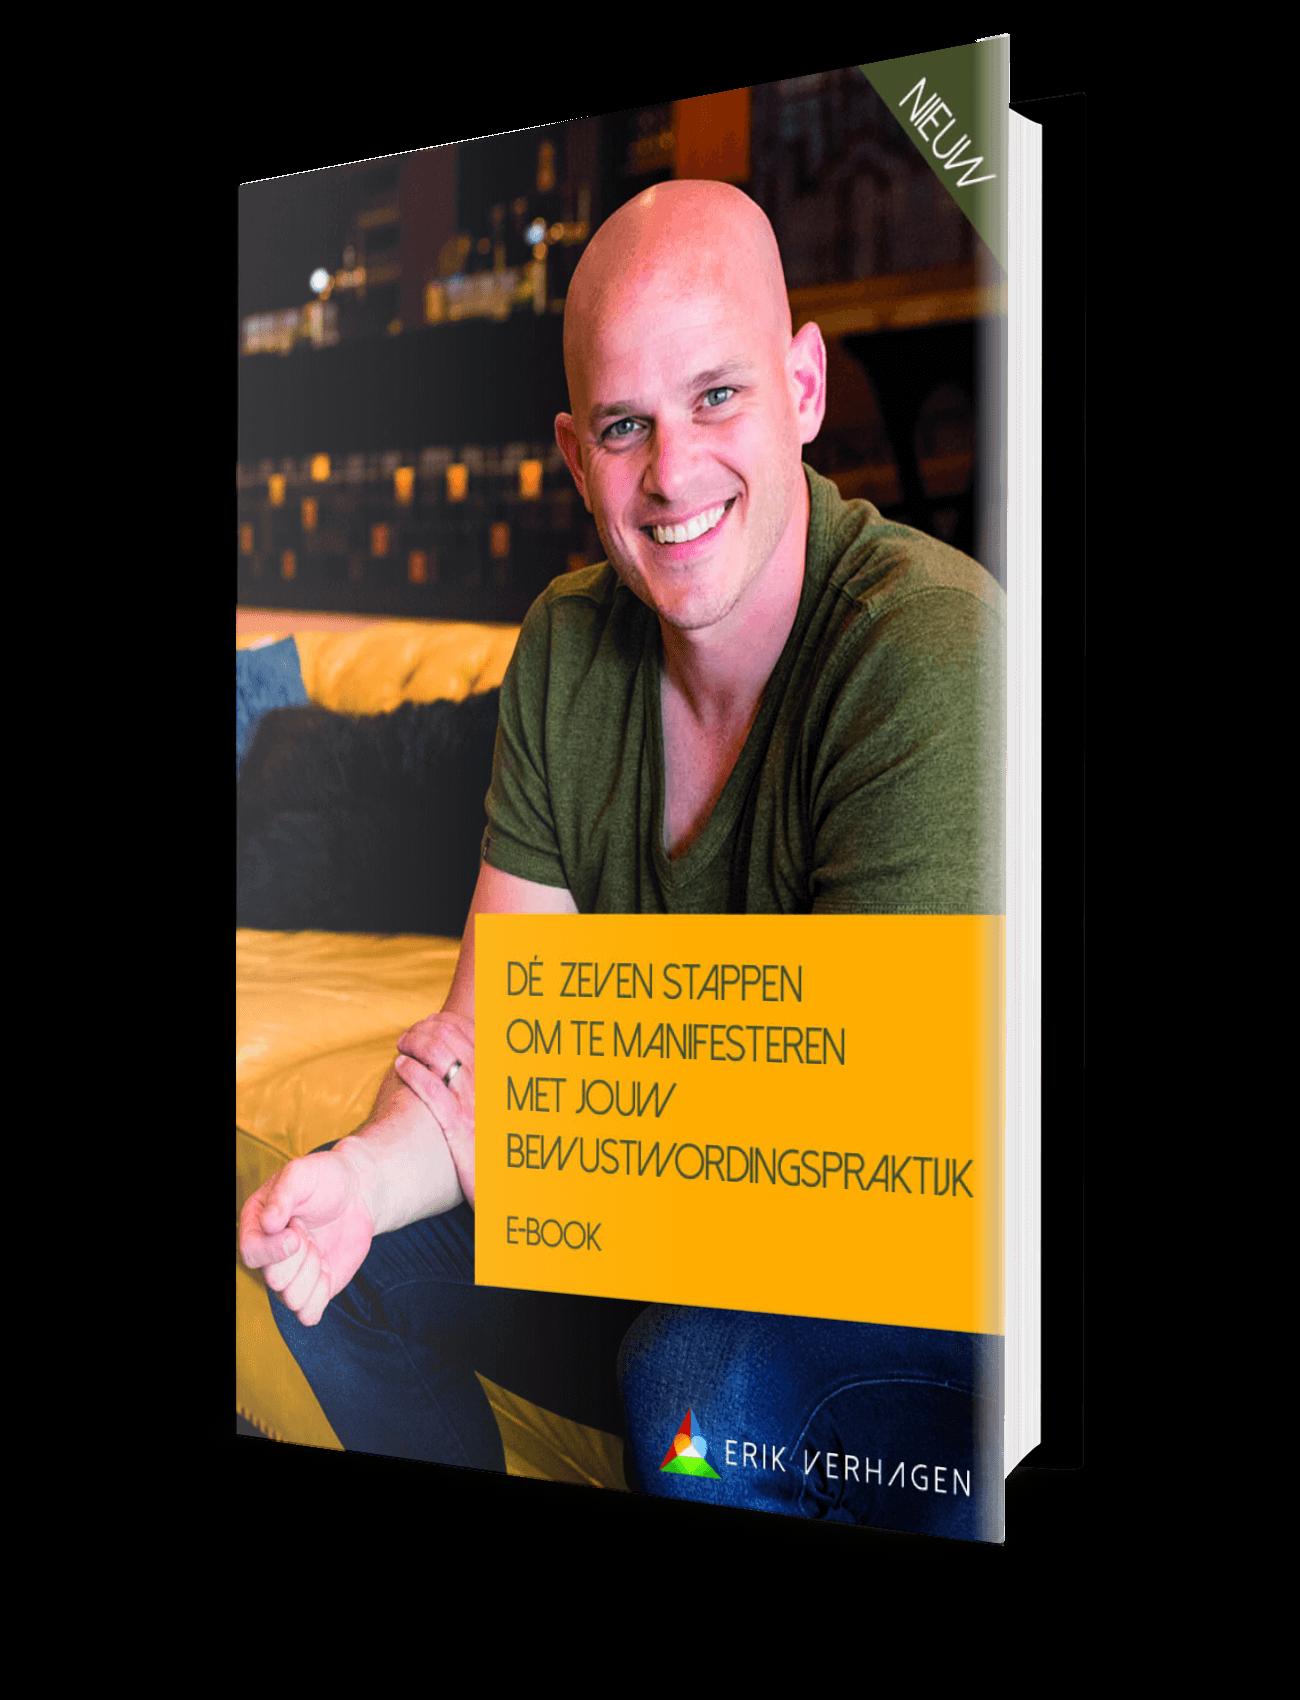 Ebook 7 stappen om te manifesteren met je bewustwordingspraktijk